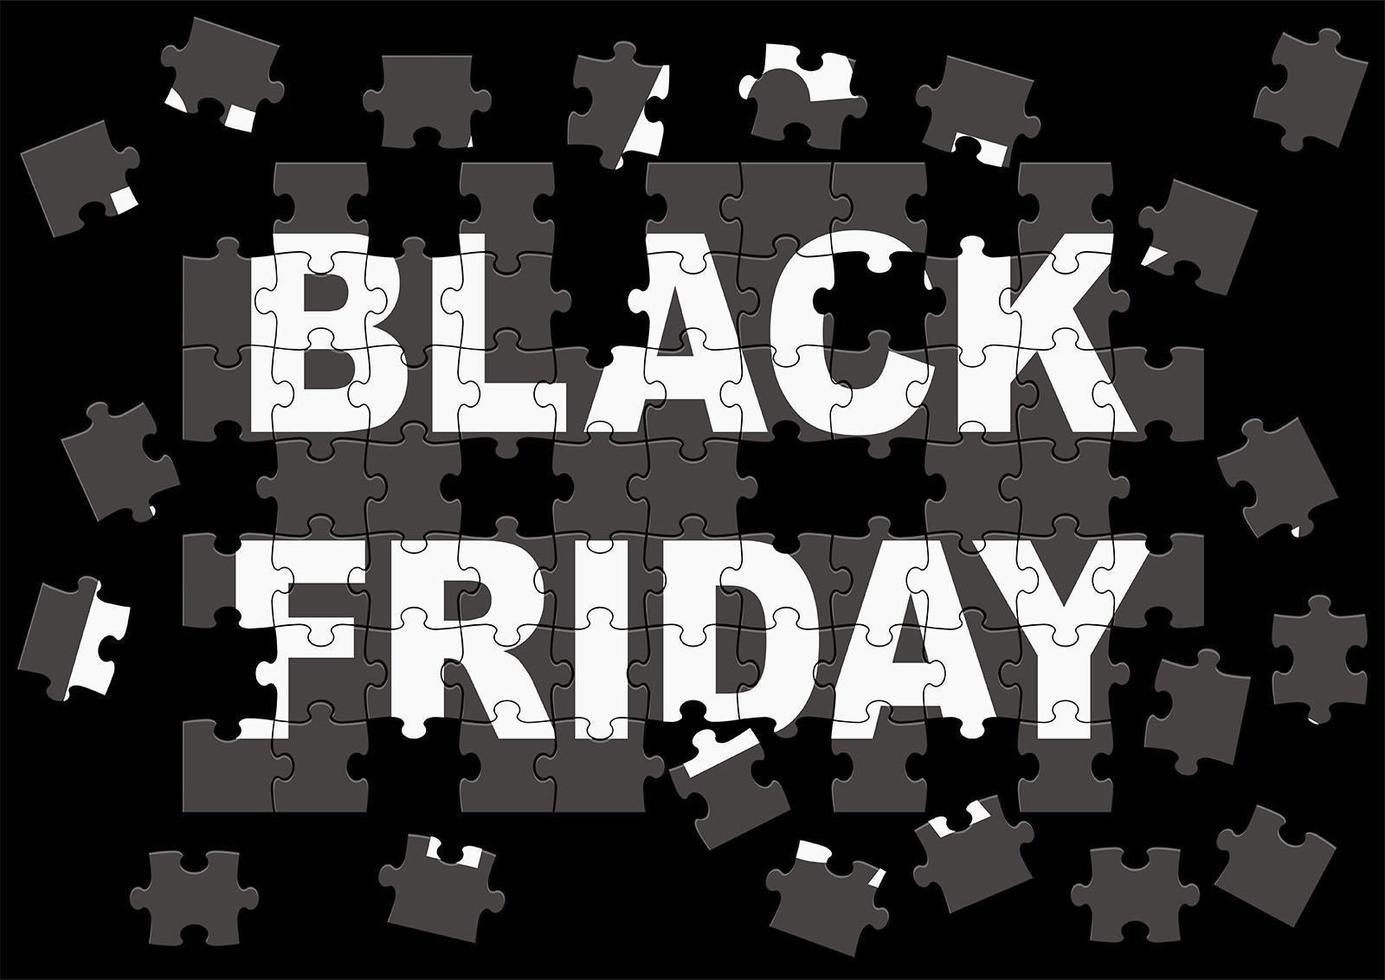 schwarzer Freitag Verkauf Puzzle Poster Design vektor